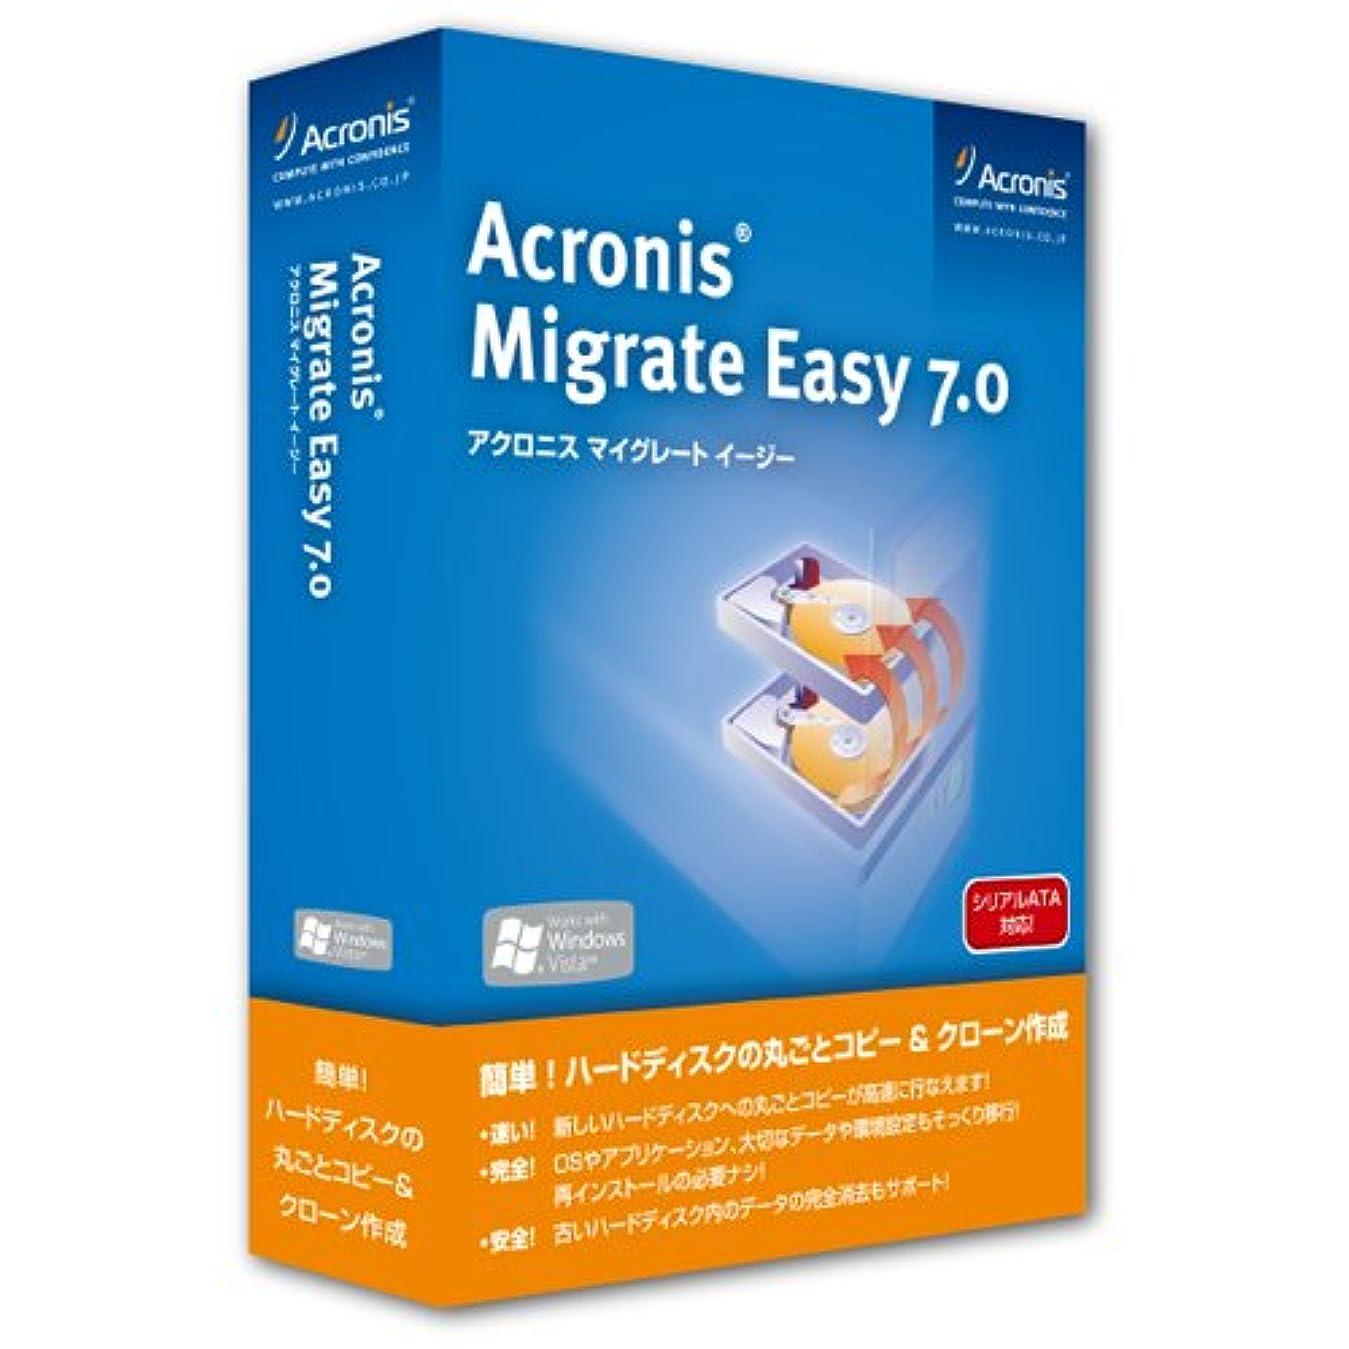 ヒューズソース人事Acronis Migrate Easy 7.0